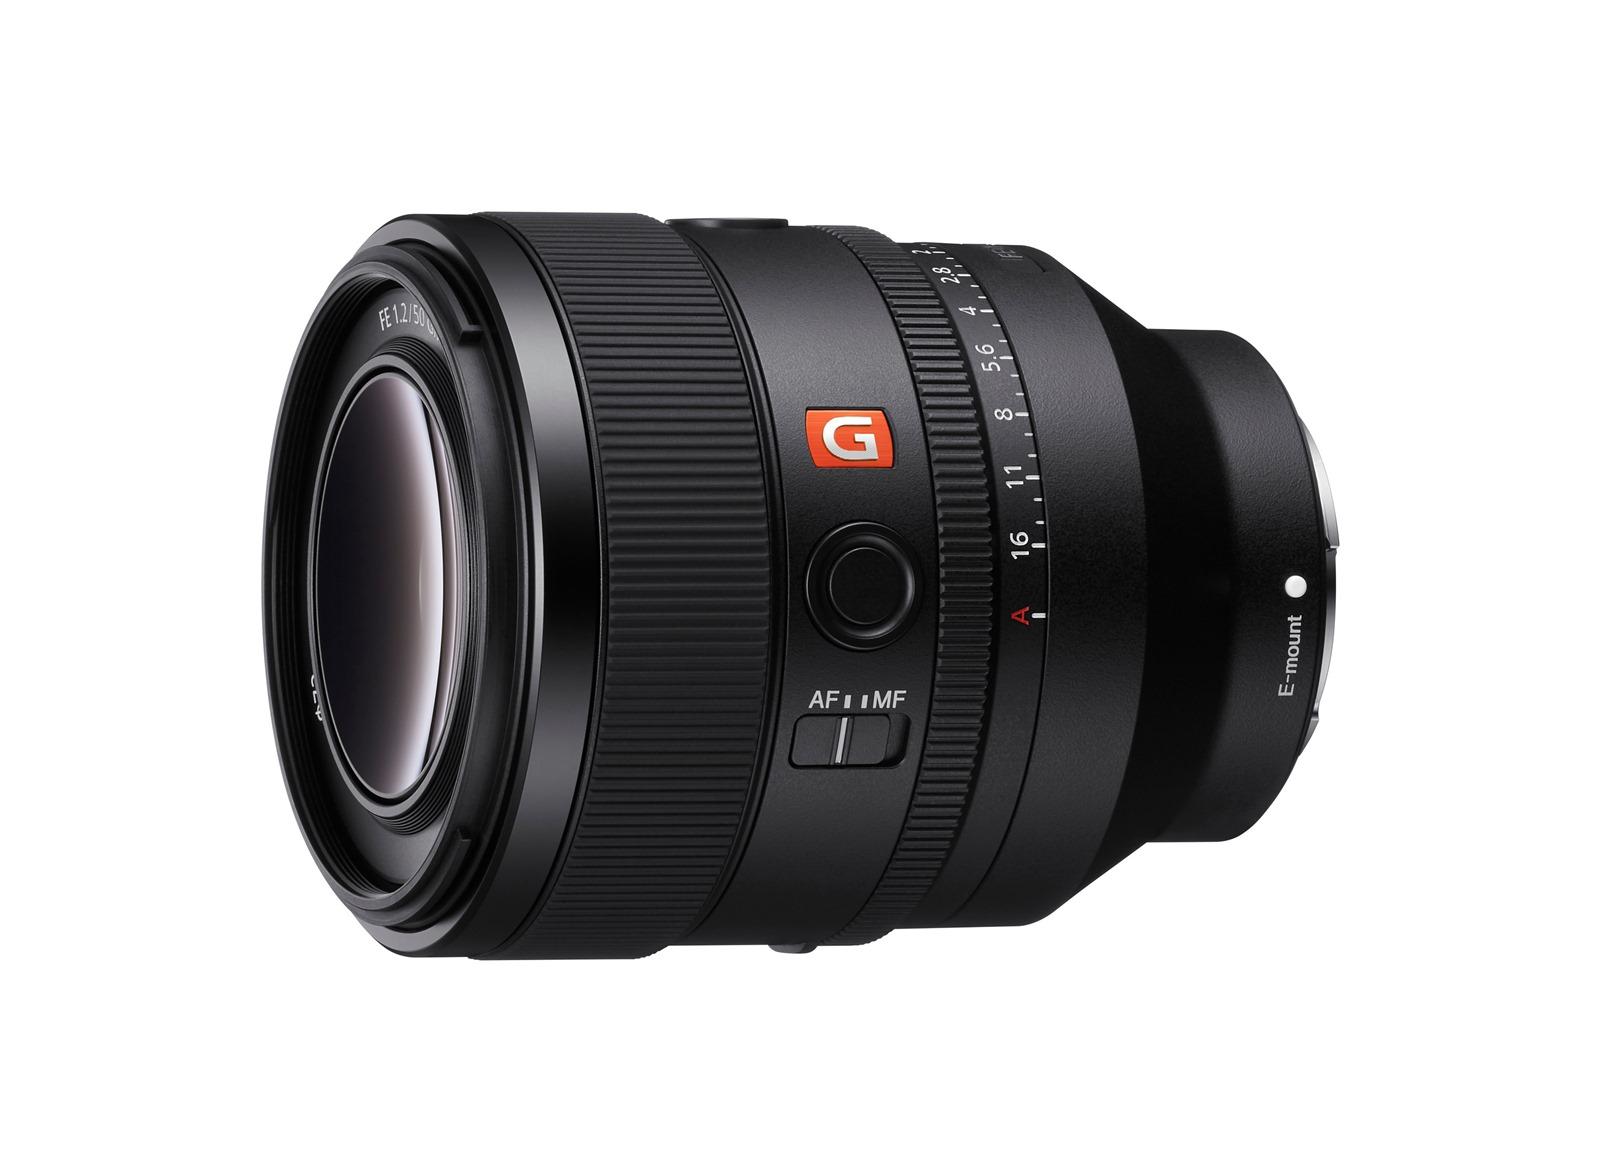 圖 1-Sony-FE-50mm-F1.2-GM-最新光學結構技術,創造高解析度影像;在-F1.2-最大光圈,更可實現-G-Master-系列鏡頭的非凡散景效果,突顯拍攝主體讓影像展現絕佳立體感。.jpg @3C 達人廖阿輝